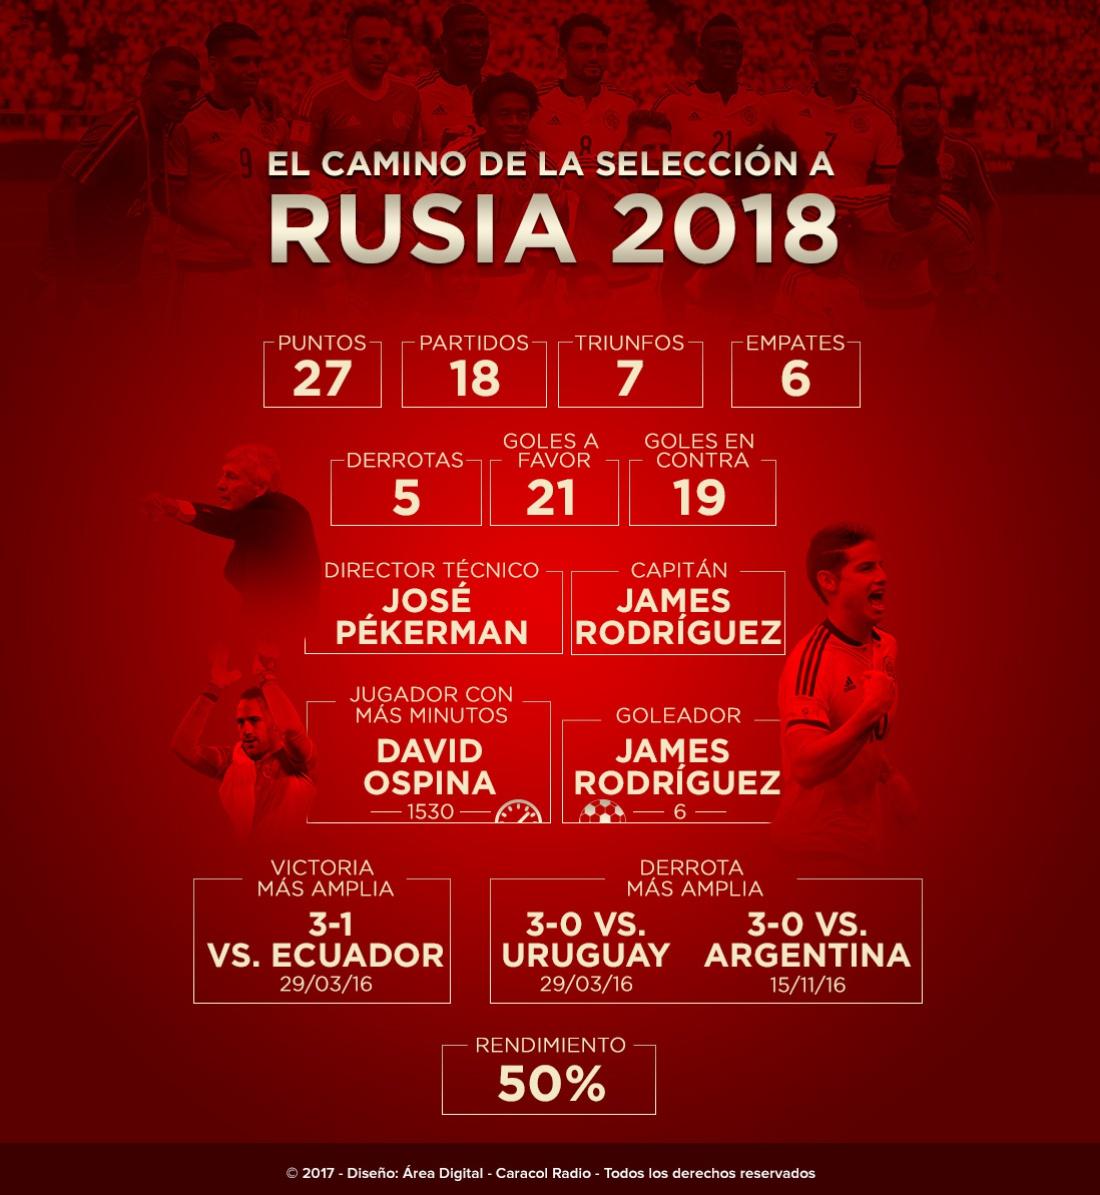 Camino Rusia 2018: El camino de Colombia a Rusia 2018